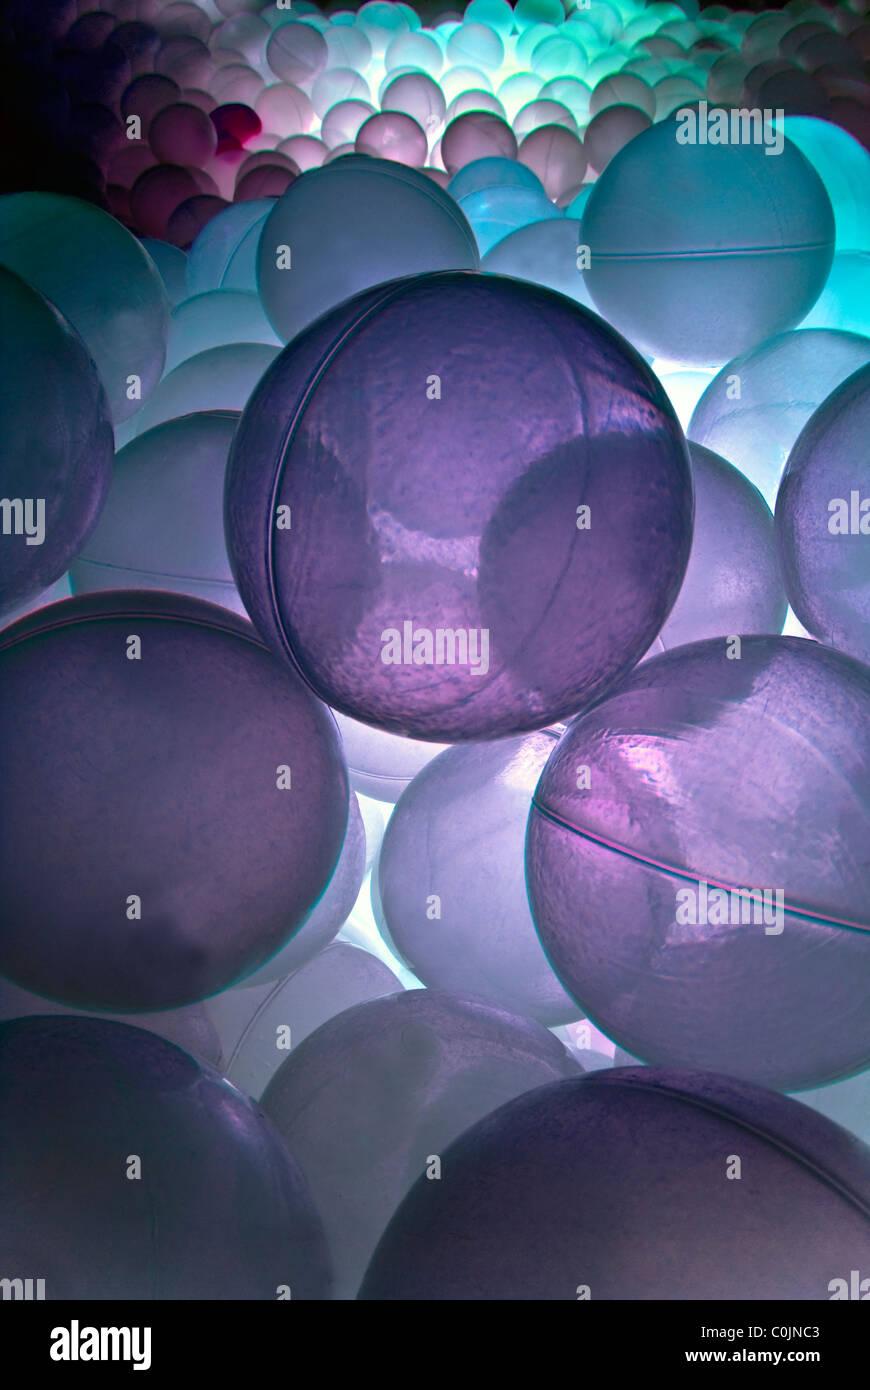 Ballpool mit lila Licht in den sensorischen Lichtraum. Stockbild